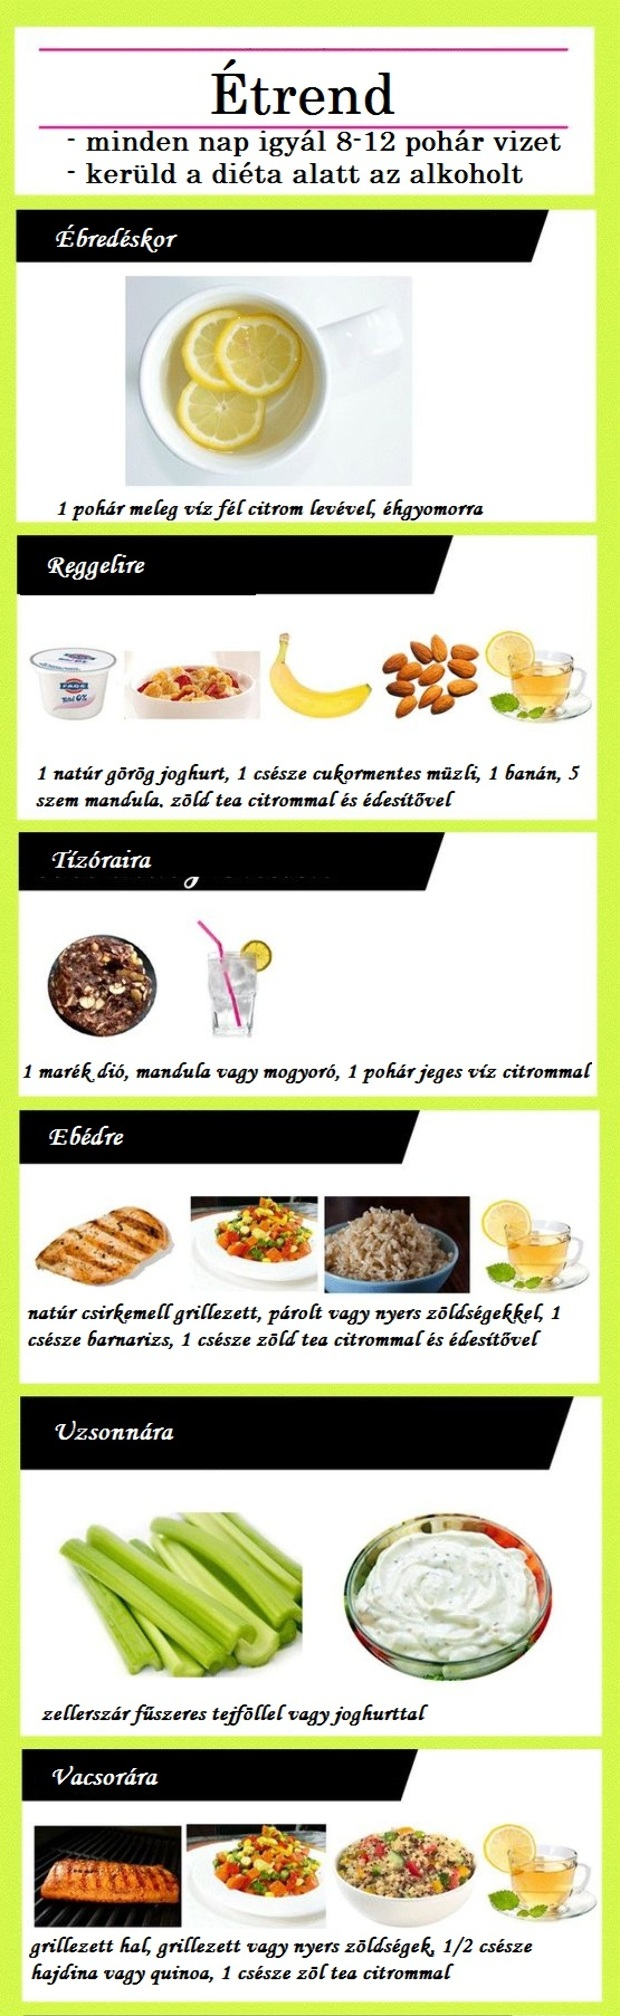 gyors fogyás diéta étrend yohimbin adag zsírvesztés esetén